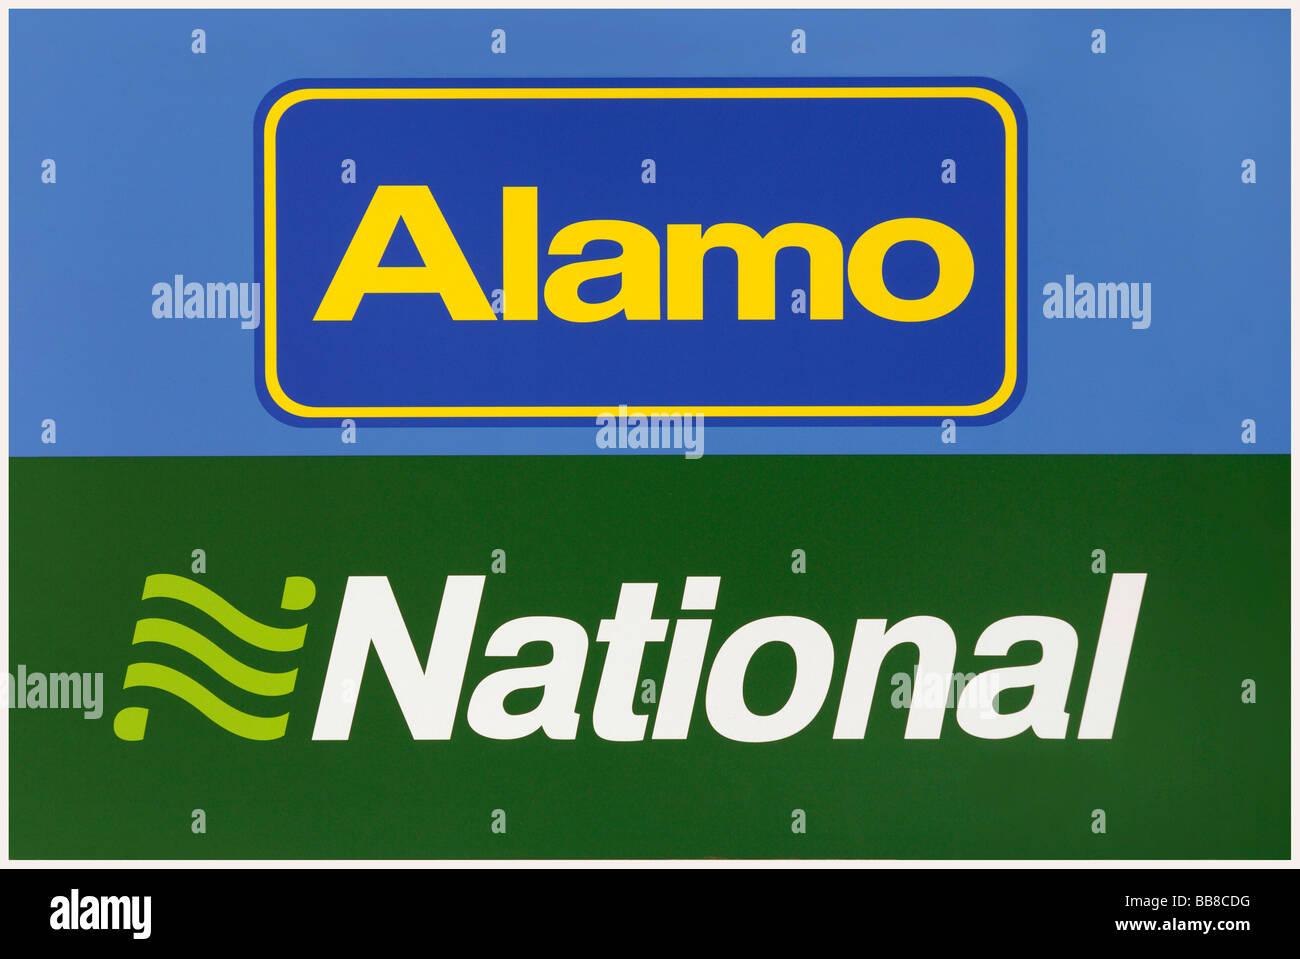 Alamo National car rental service, rental cars - Stock Image